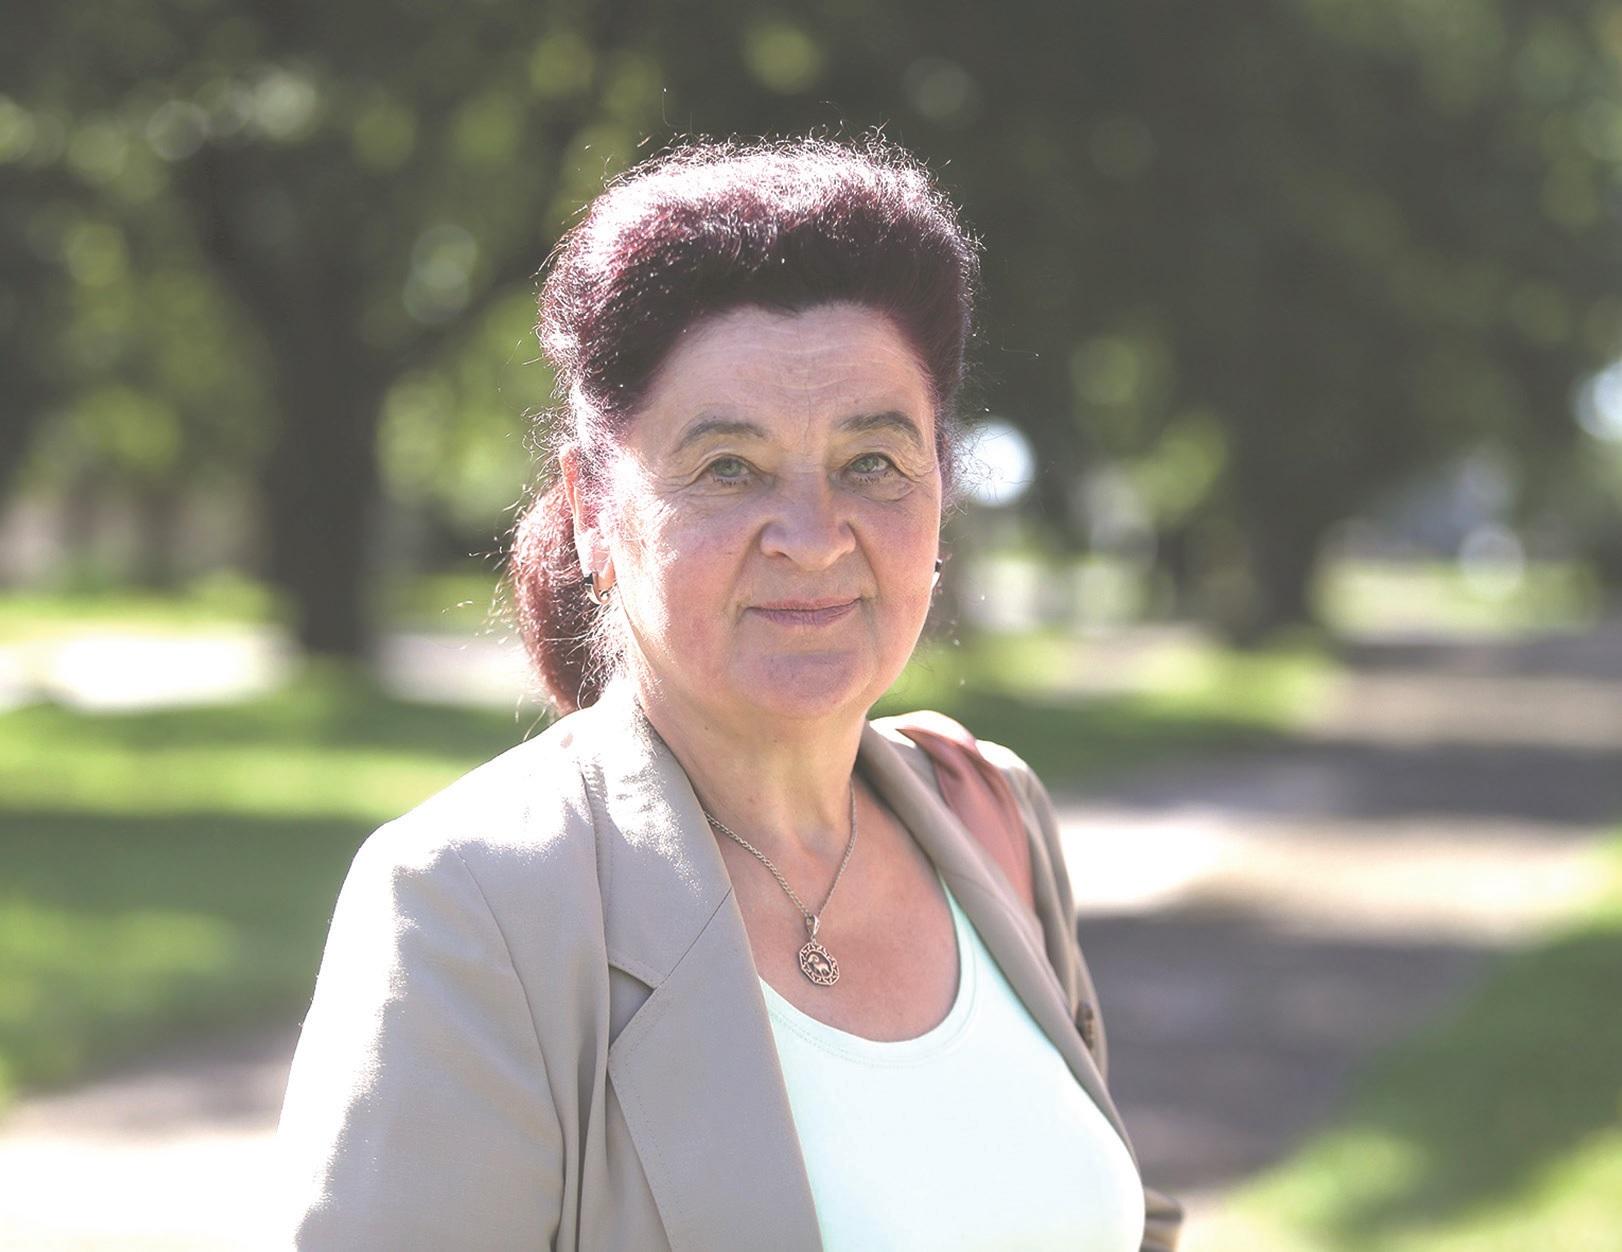 Rita Mockienė pasitinka Pagirių lankytojus ir pasakoja miestelio istoriją.